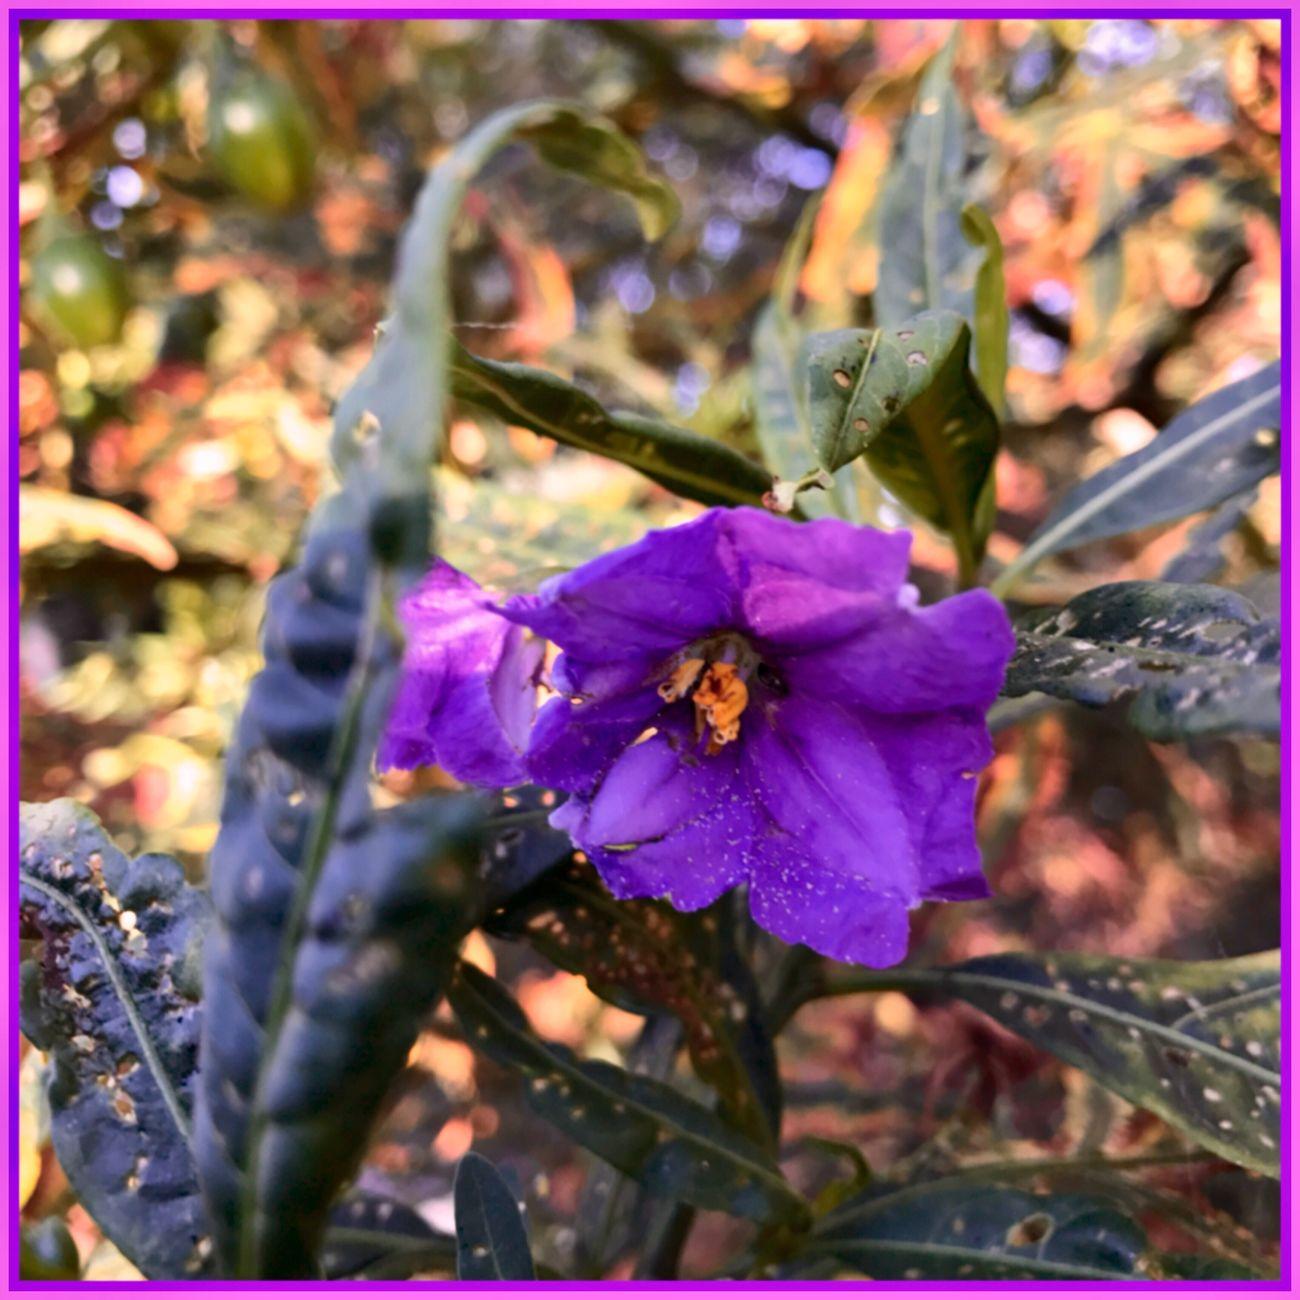 Purple Pleasure 💜💜💜 Flower Flowers Purpleflower💜 Plants And Flowers Beautiful😍😍😍 Blooming Flowerseries Summerflowers WhileIwaswalking 💜💜💜